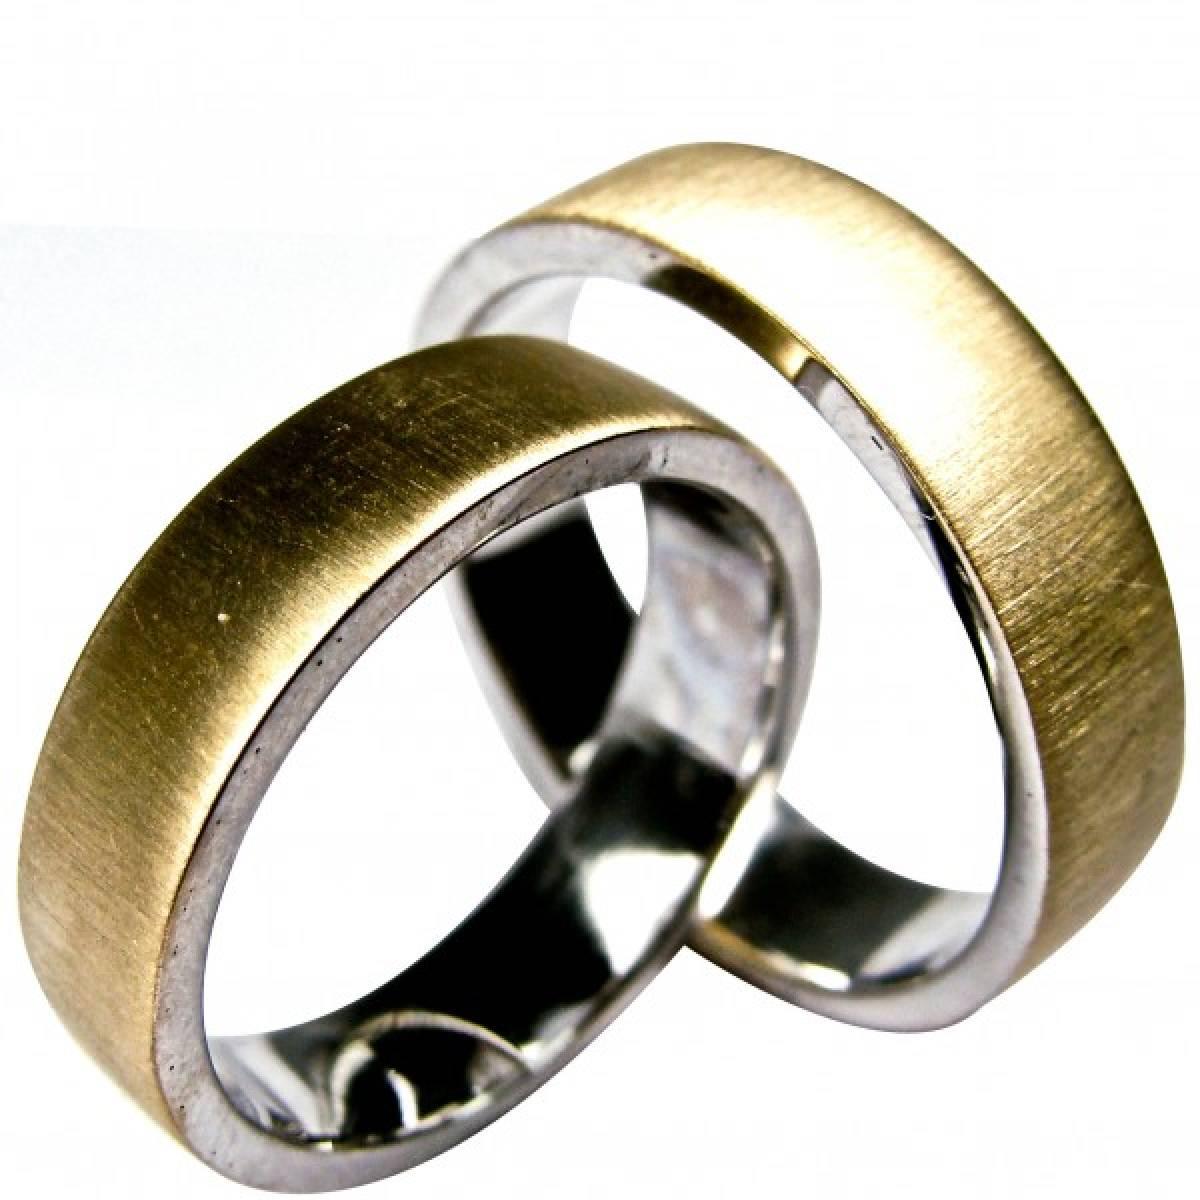 Alianças de casamento bicolores em ouro de 9 kts e 19,2 kts